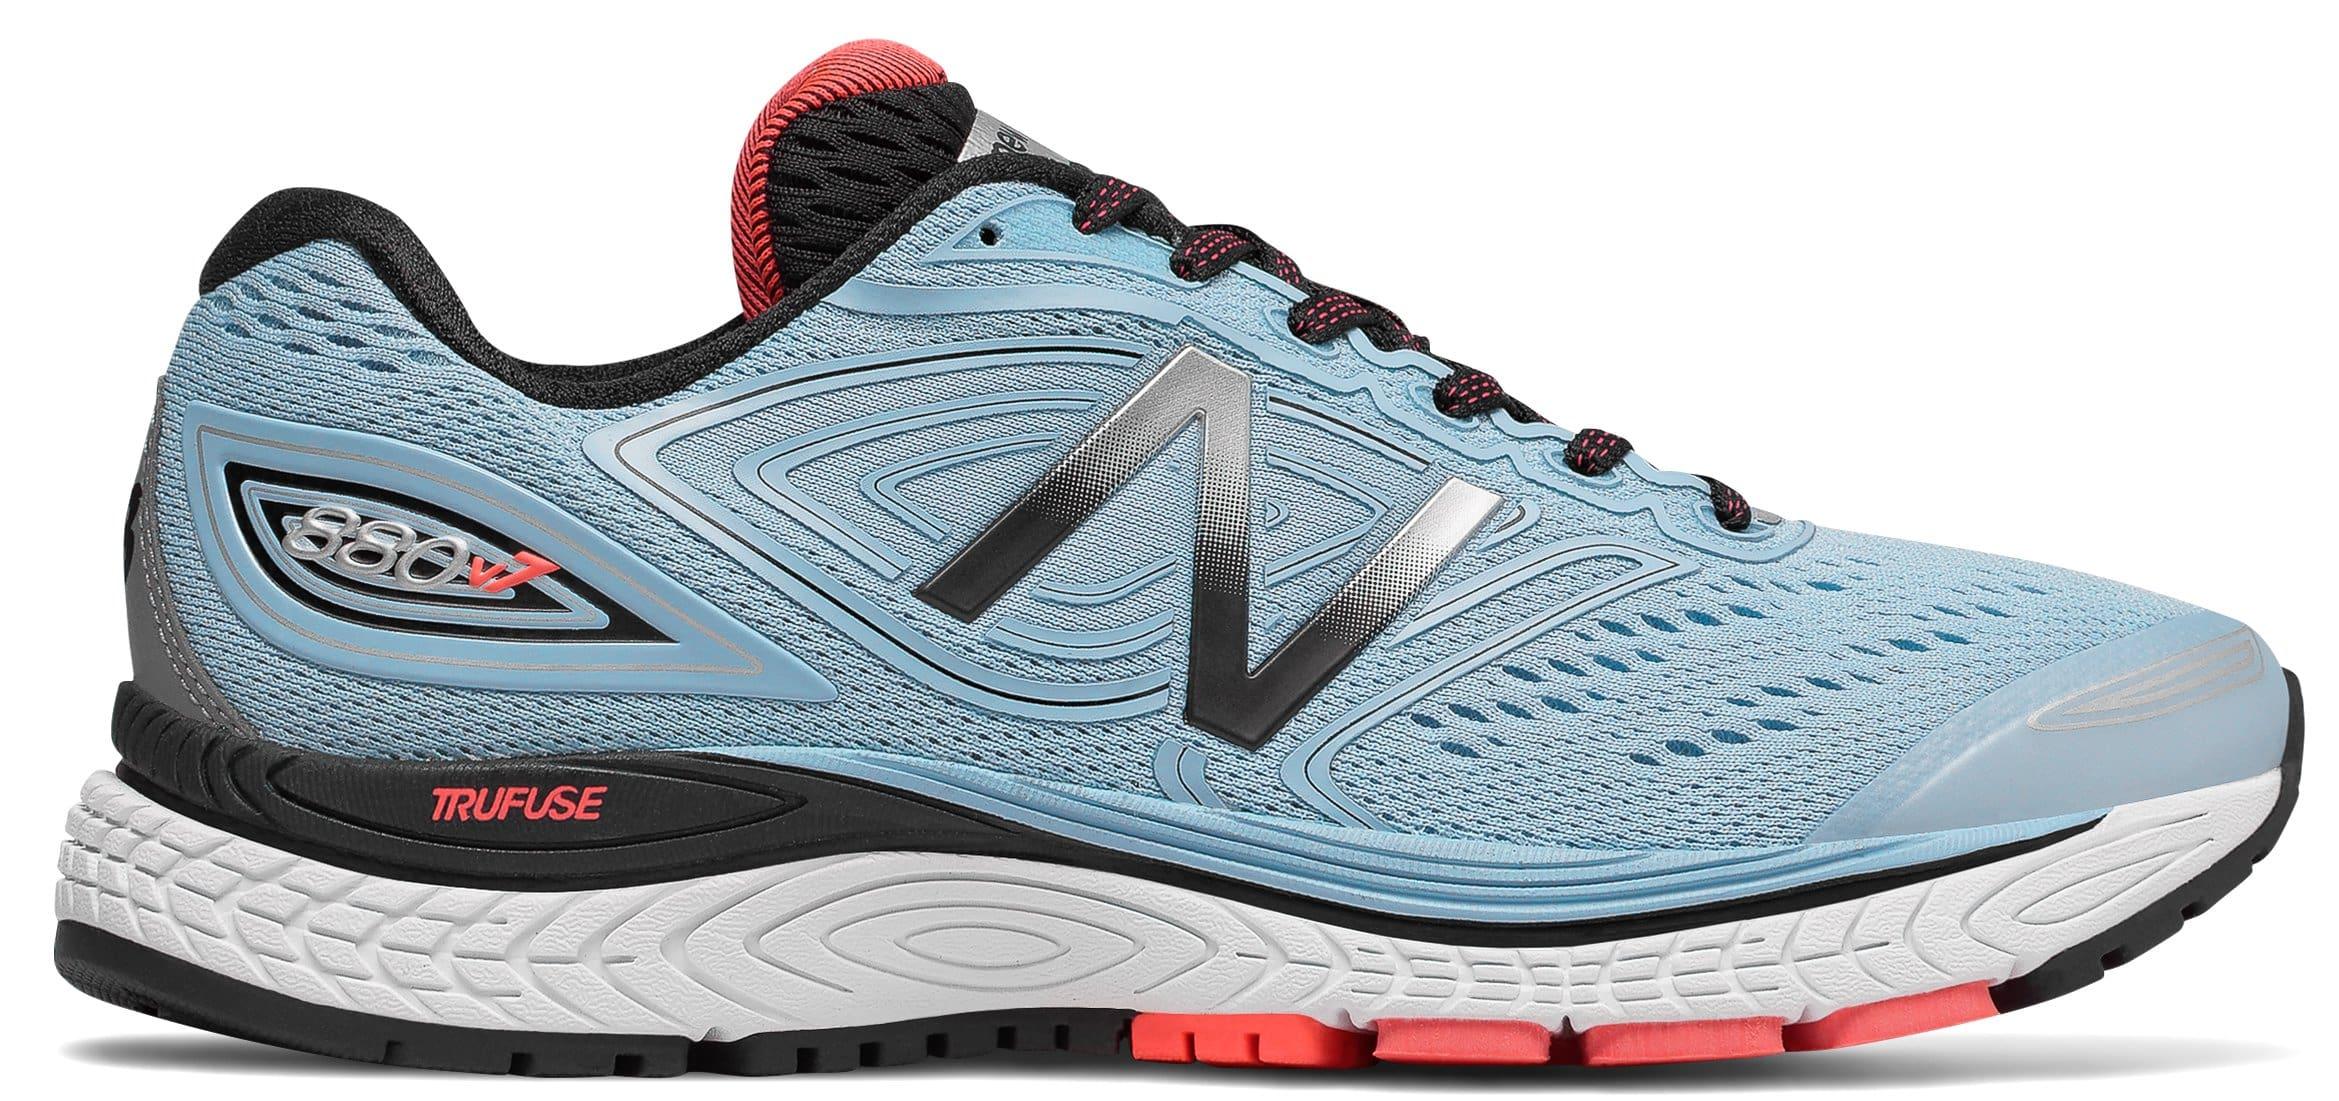 New Balance 880v7 Chaussures de course pour femme